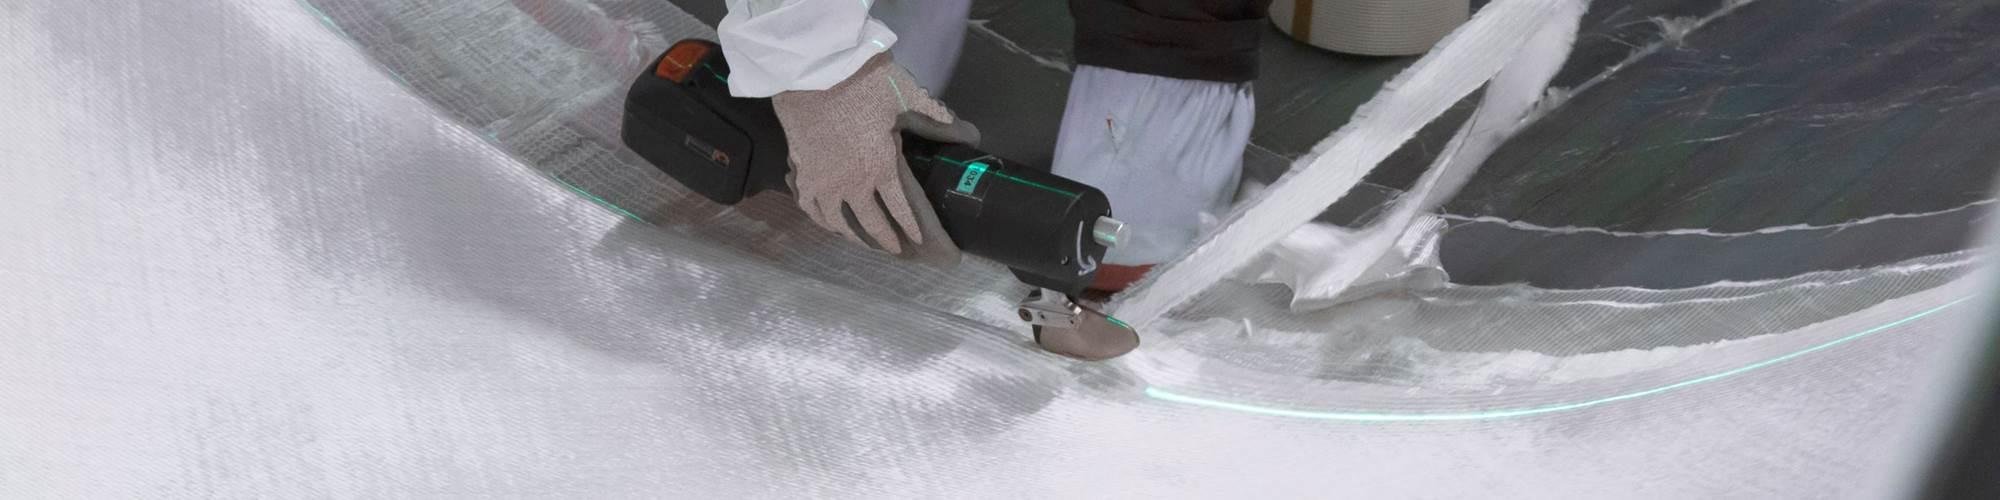 Z激光激光投影到玻璃纤维复合风叶片上篮